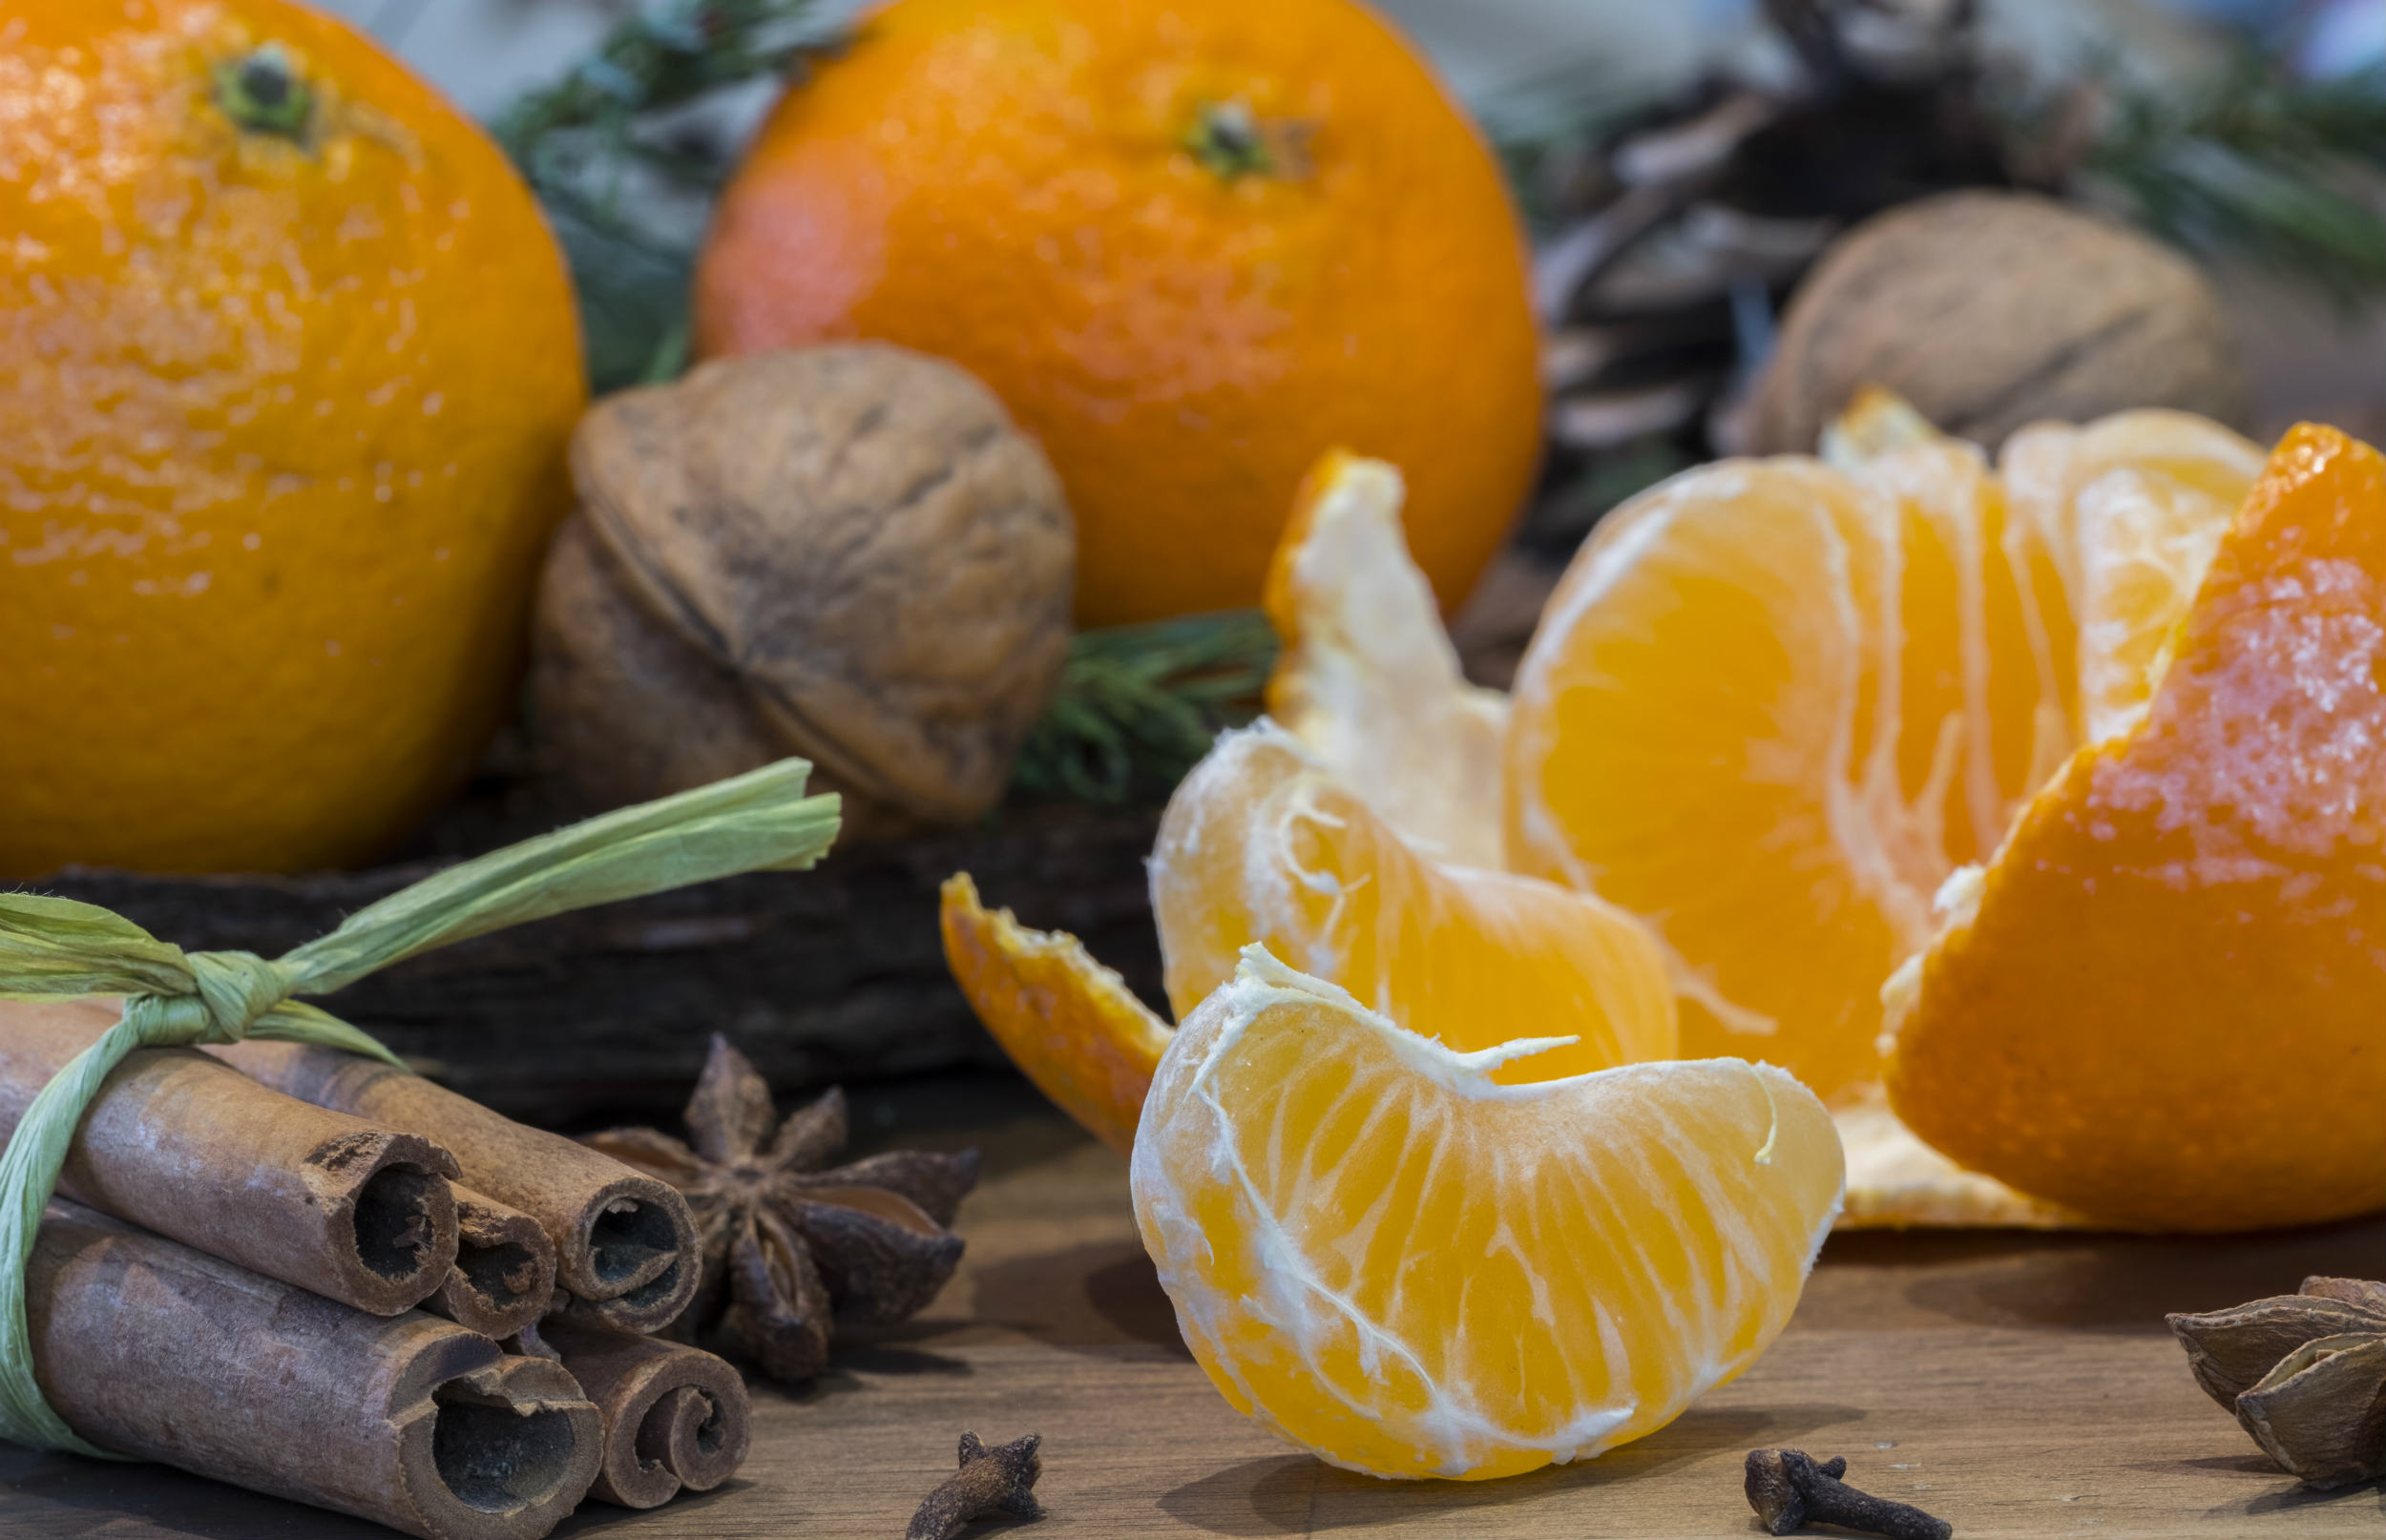 7 fødevarer du spiser i julen der indeholder rester af sprøjtegift